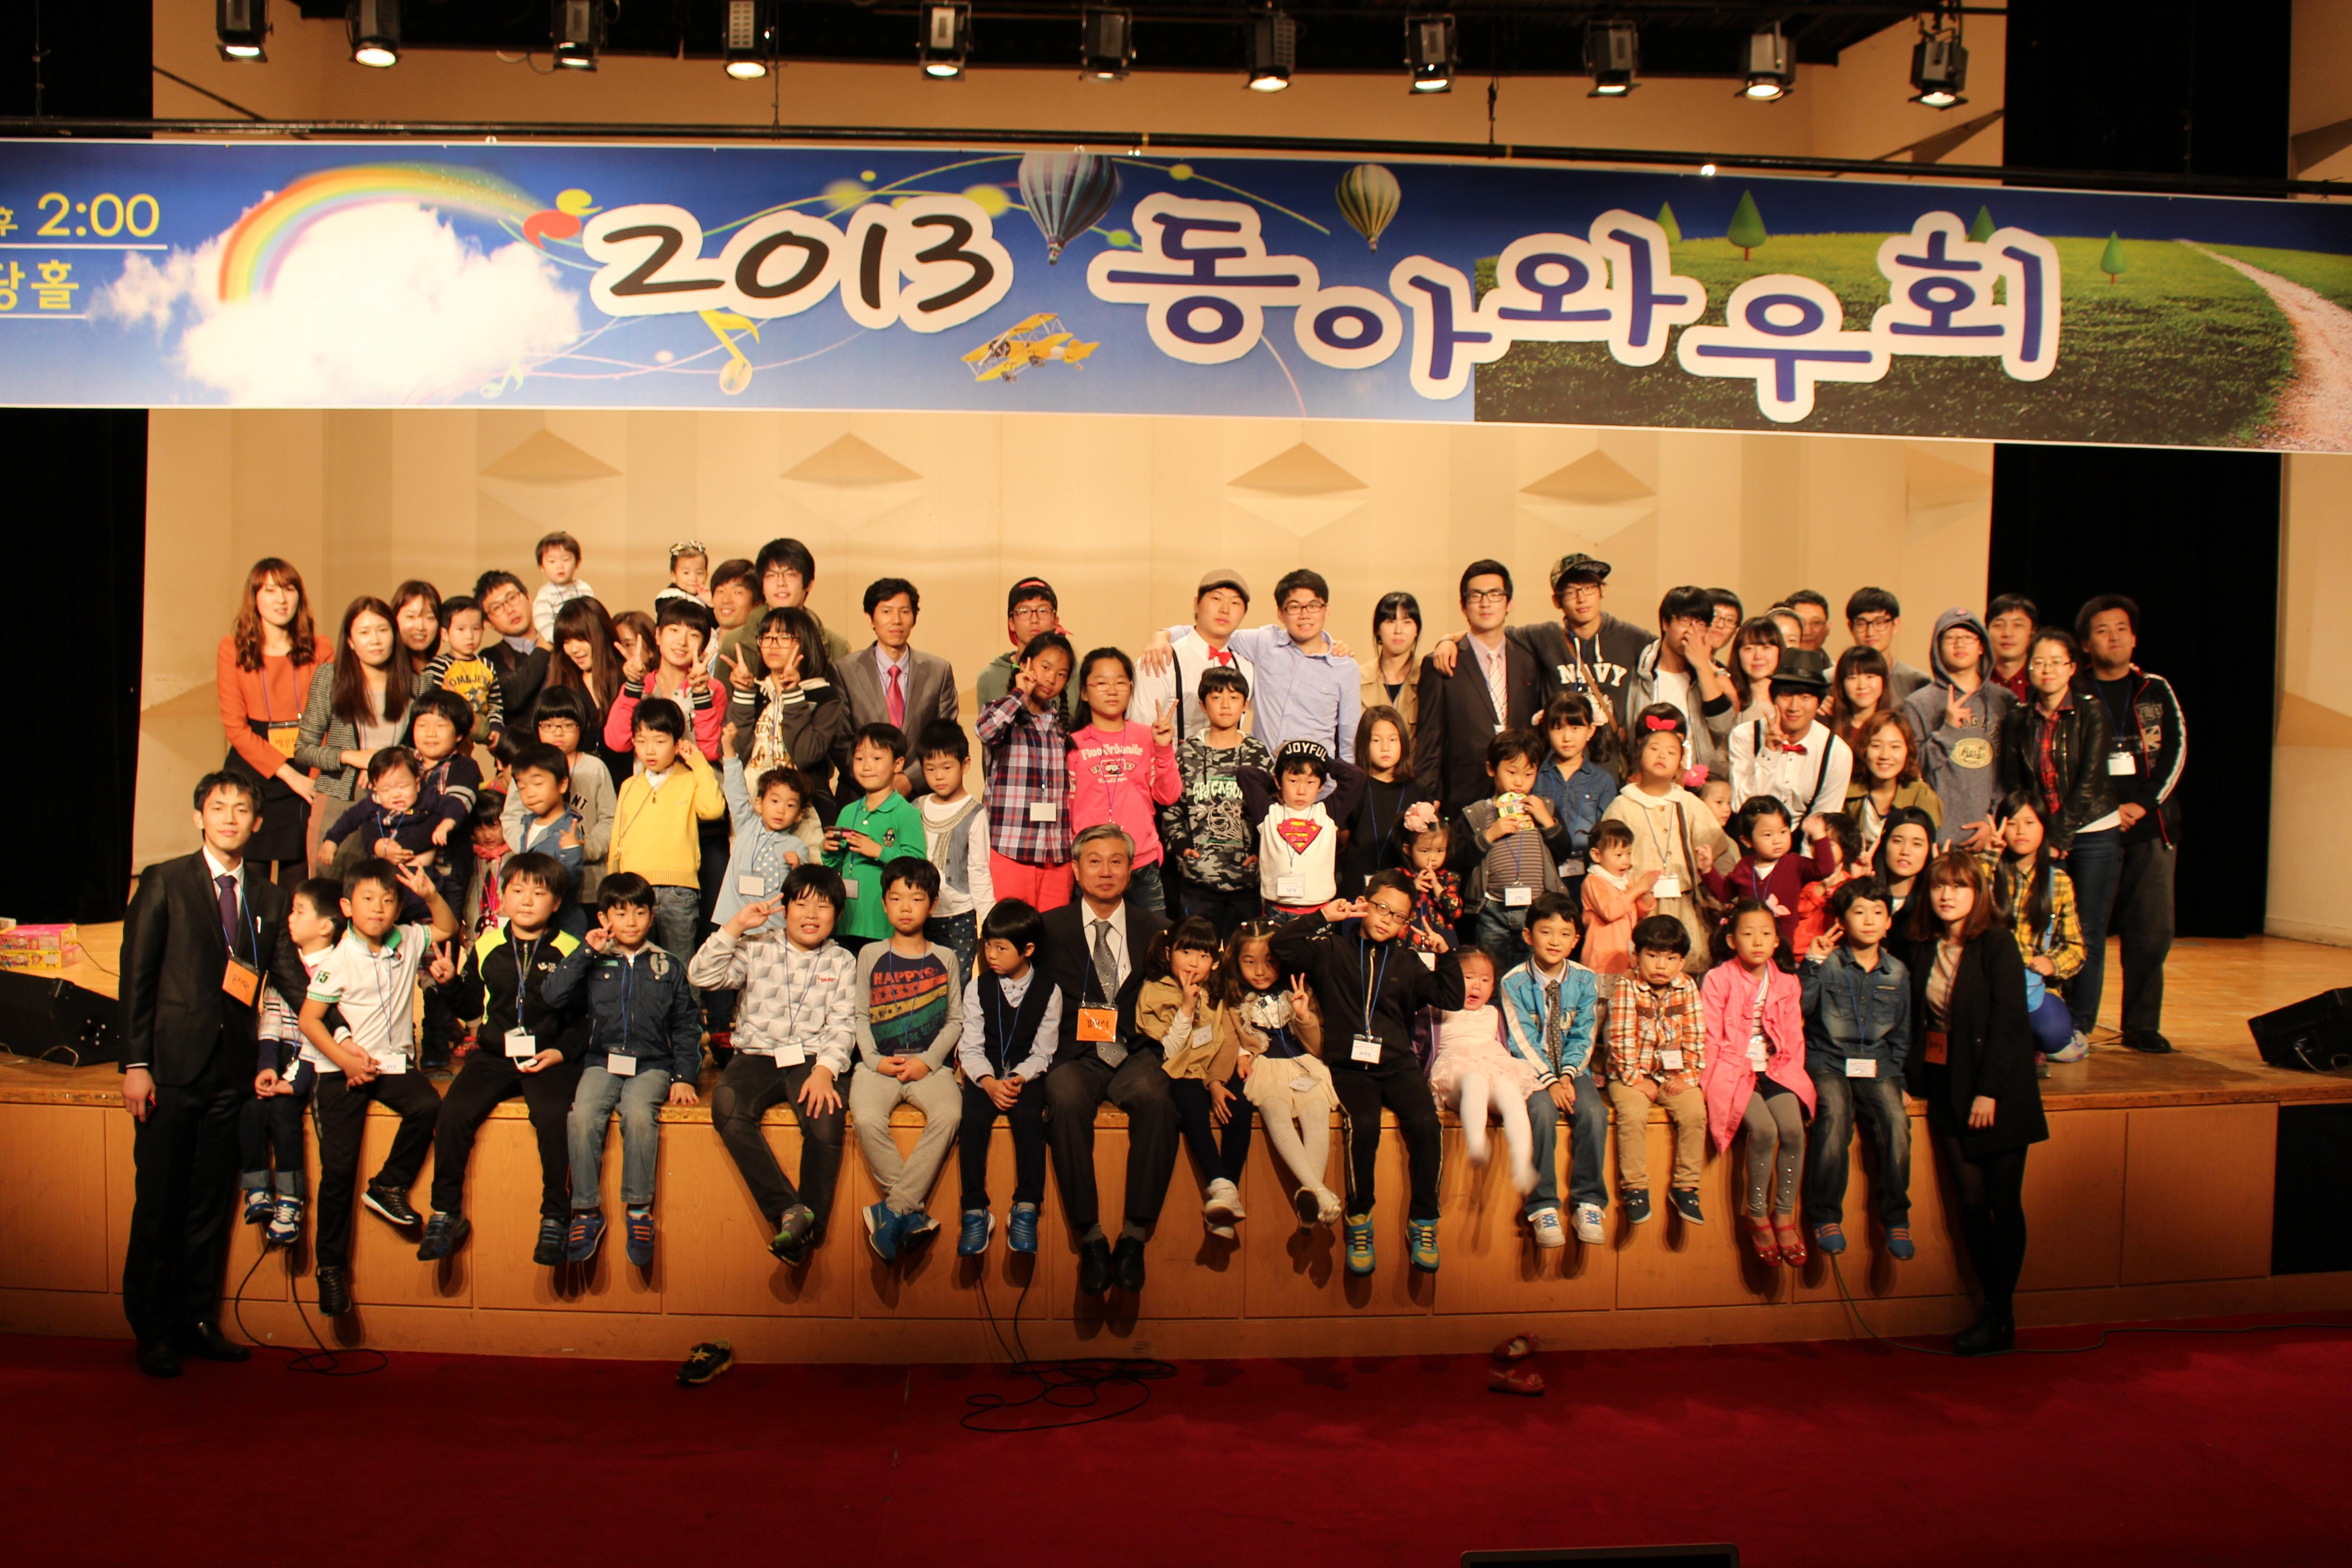 2013 가을축제-6